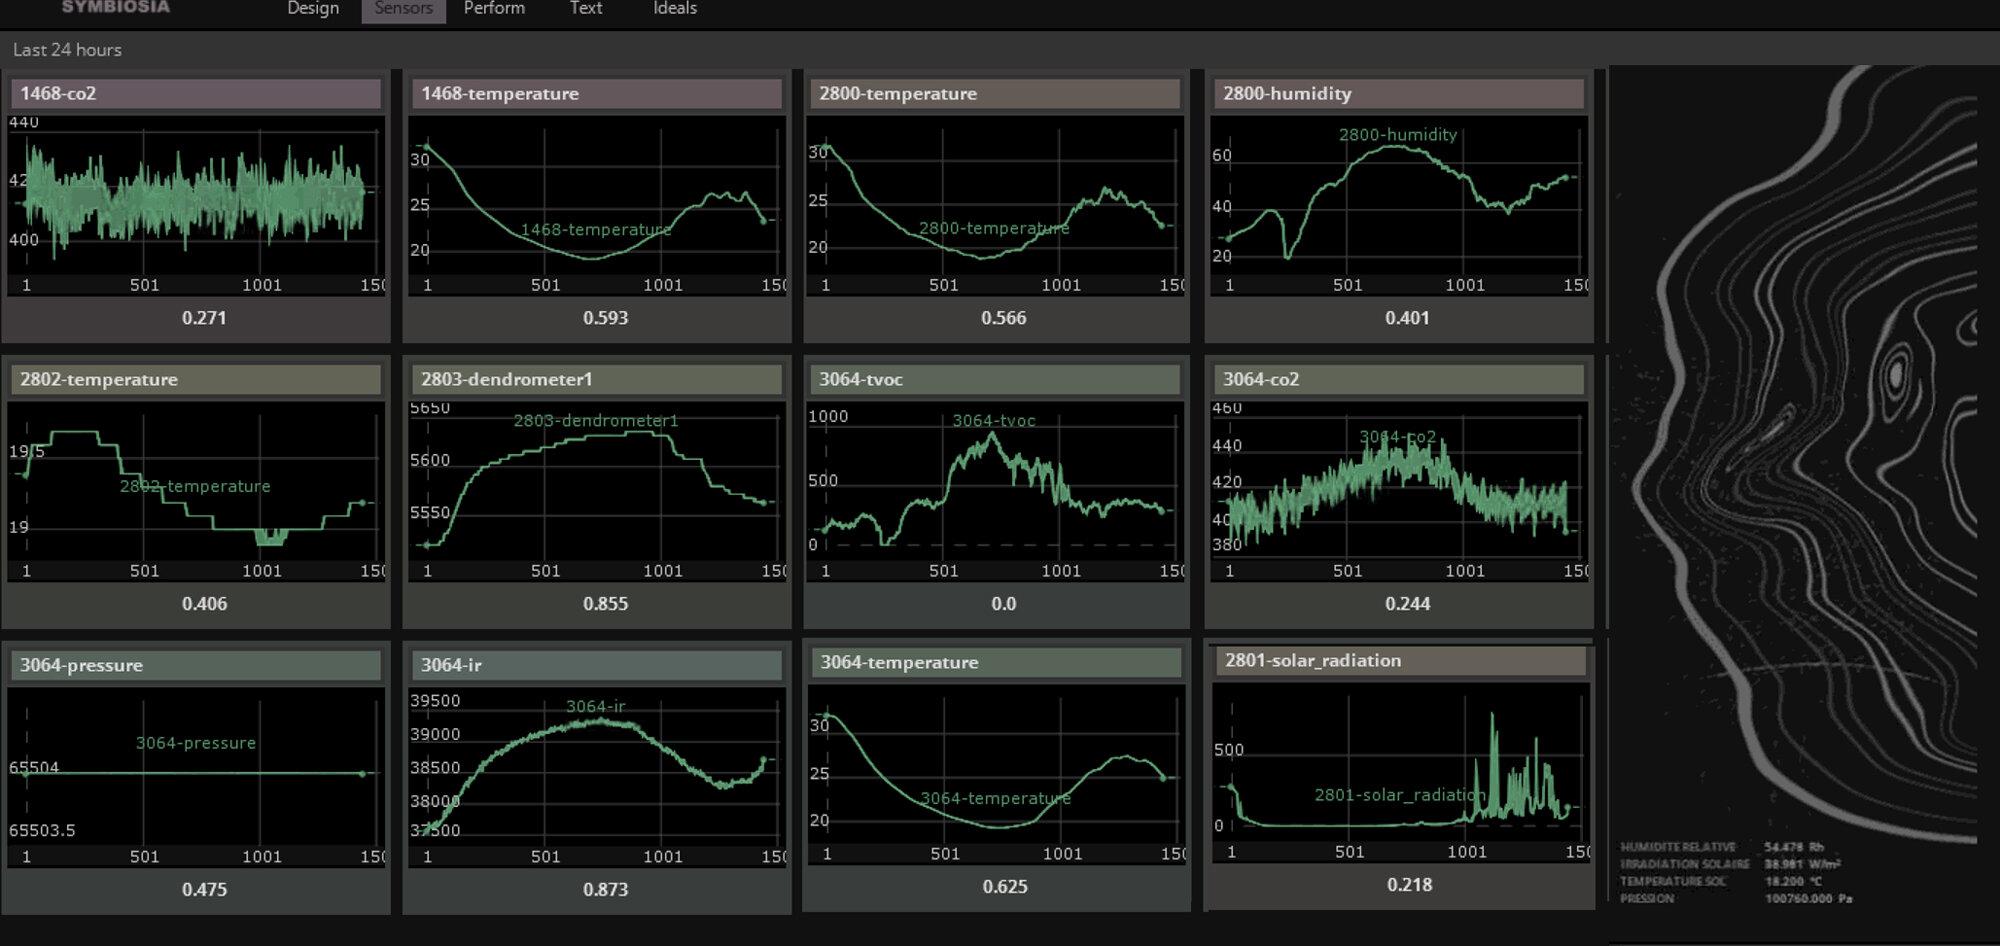 12.datasheet-symbiosia.jpg